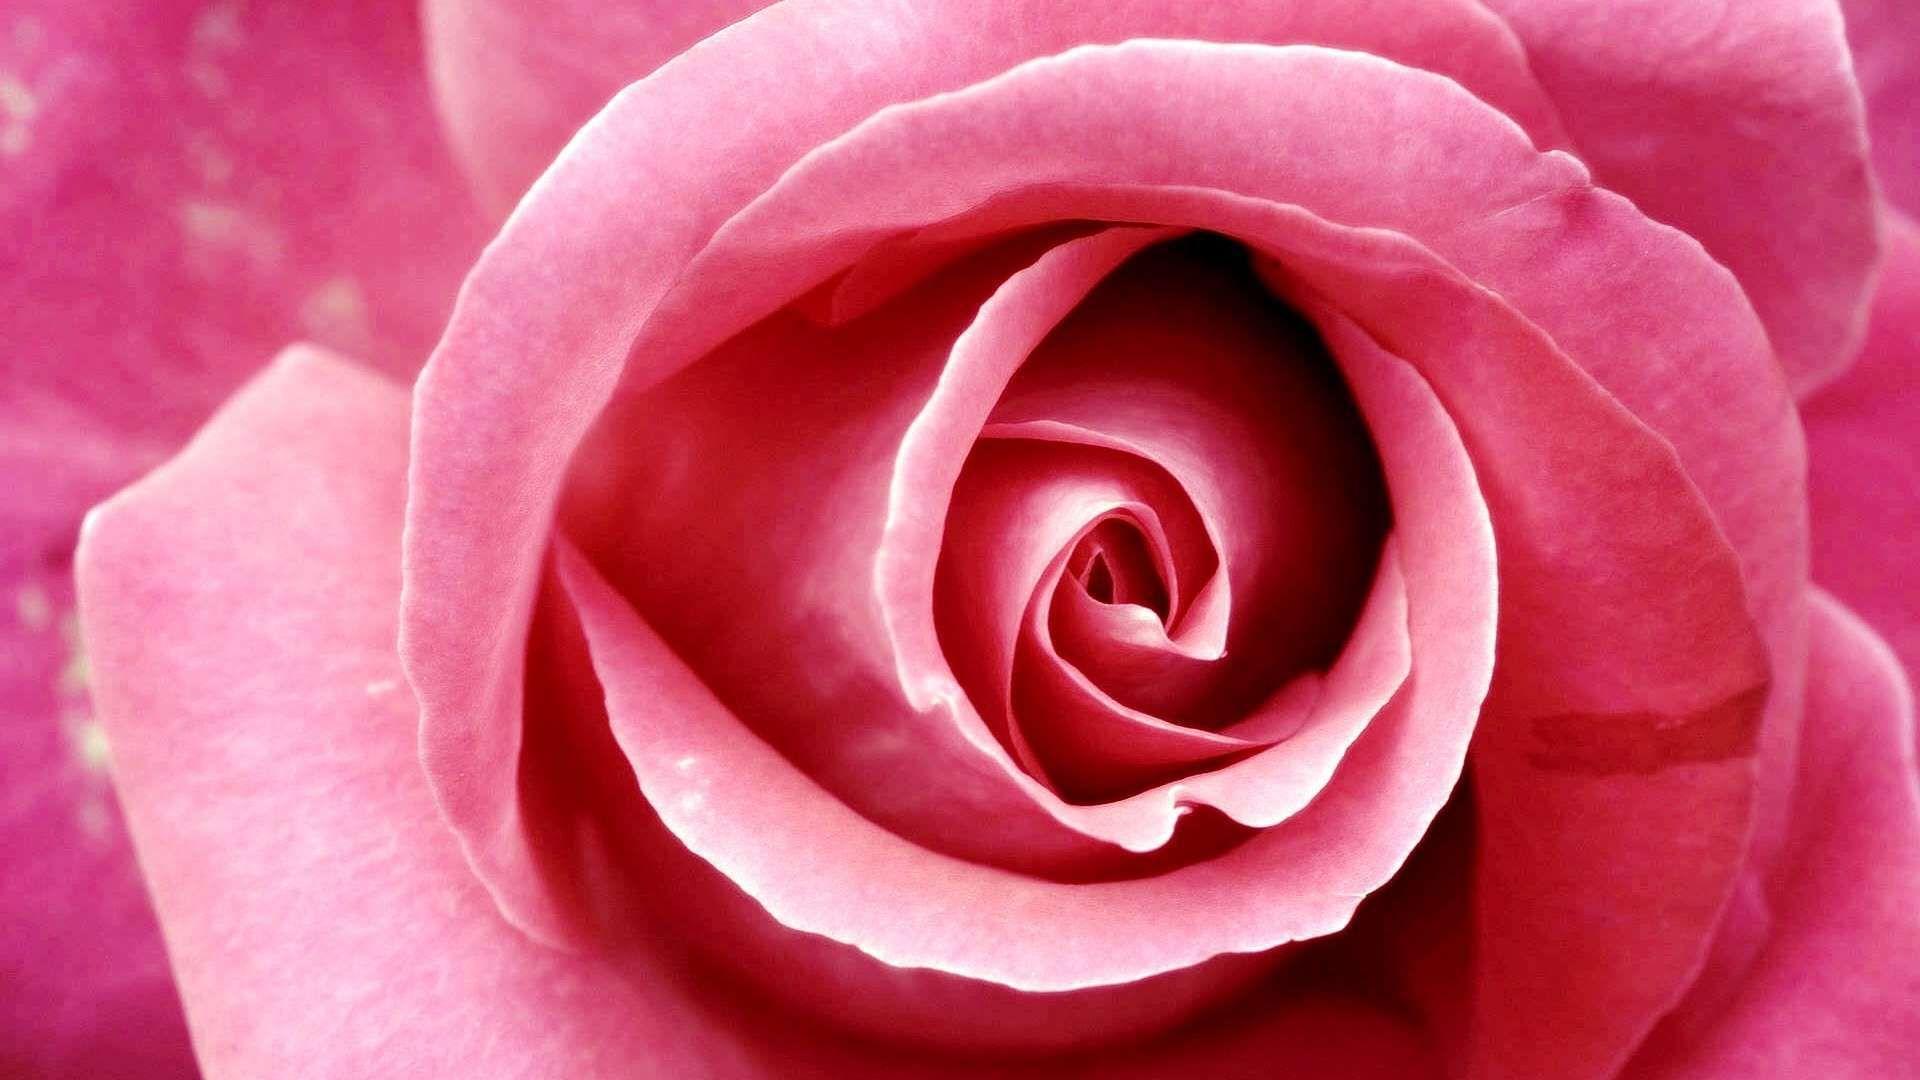 Beautiful Rose Cool HD Wallpaper